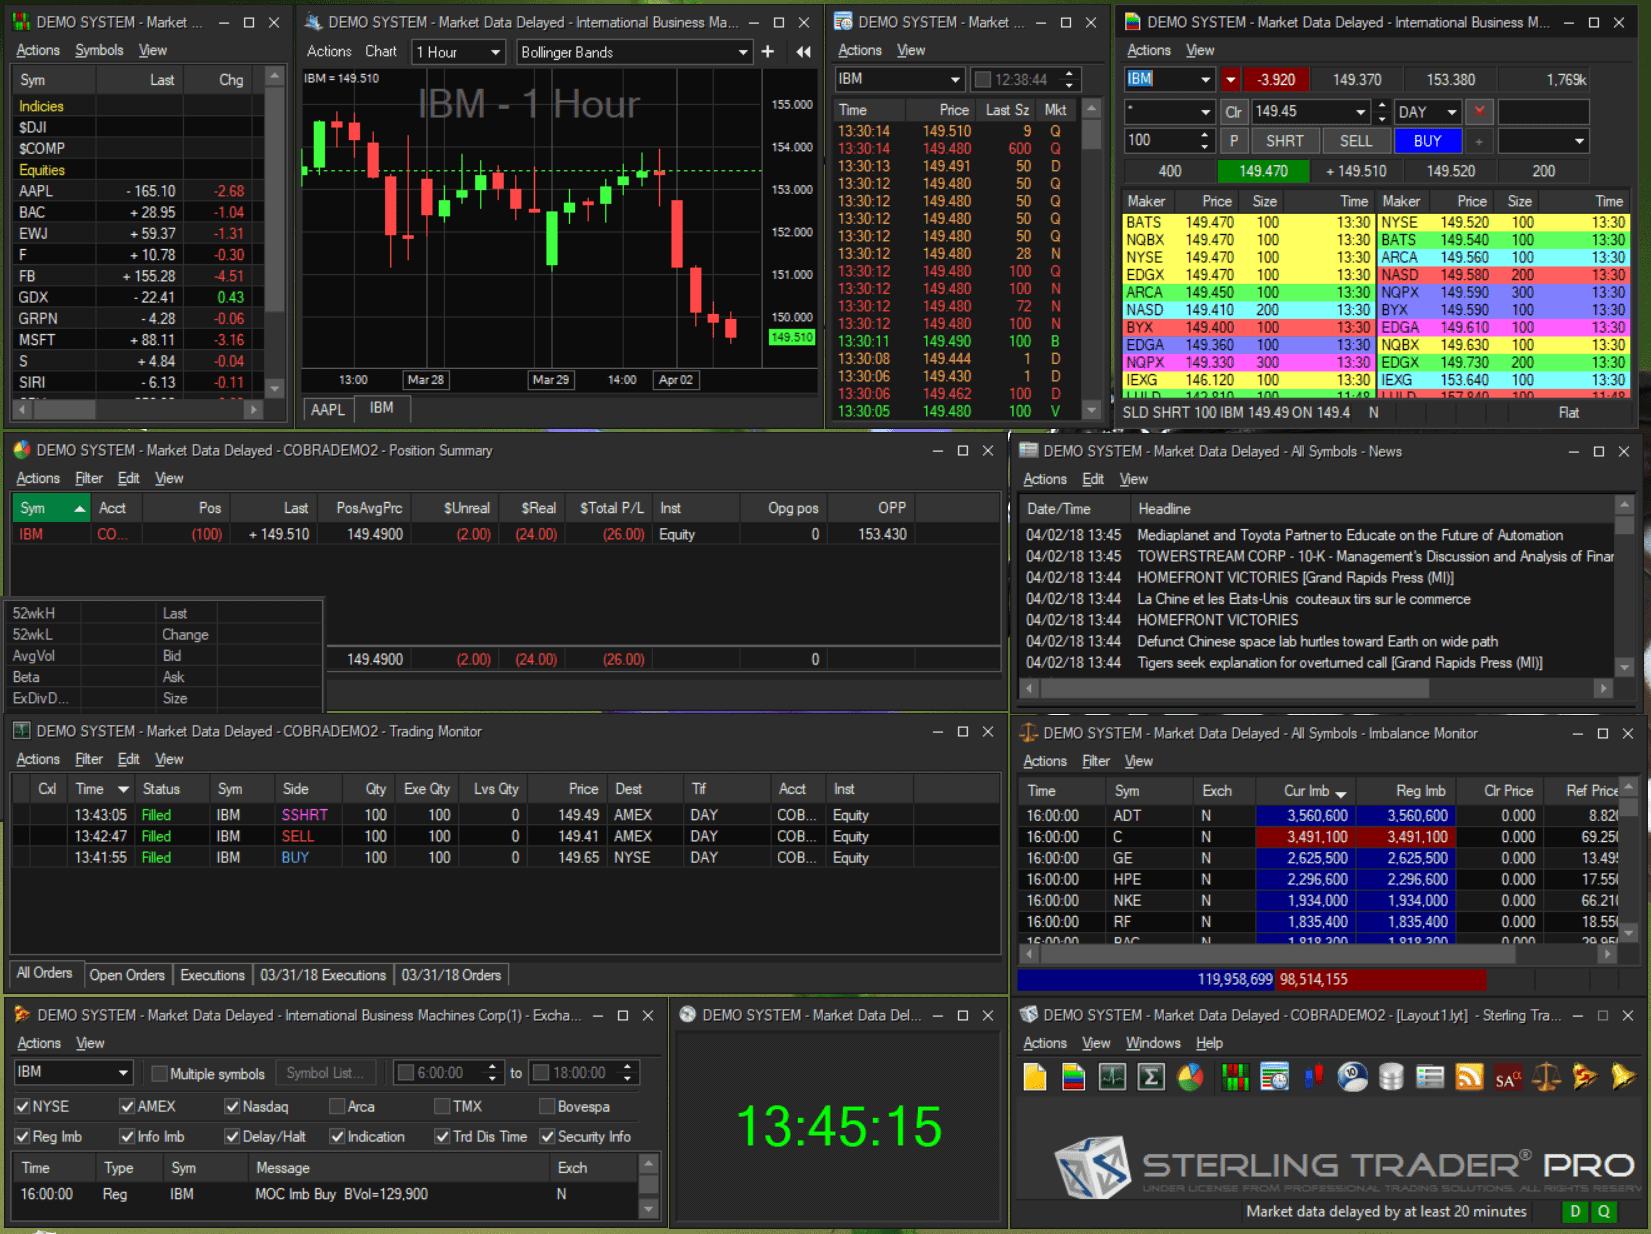 Just2Trade Sterling Trader Pro